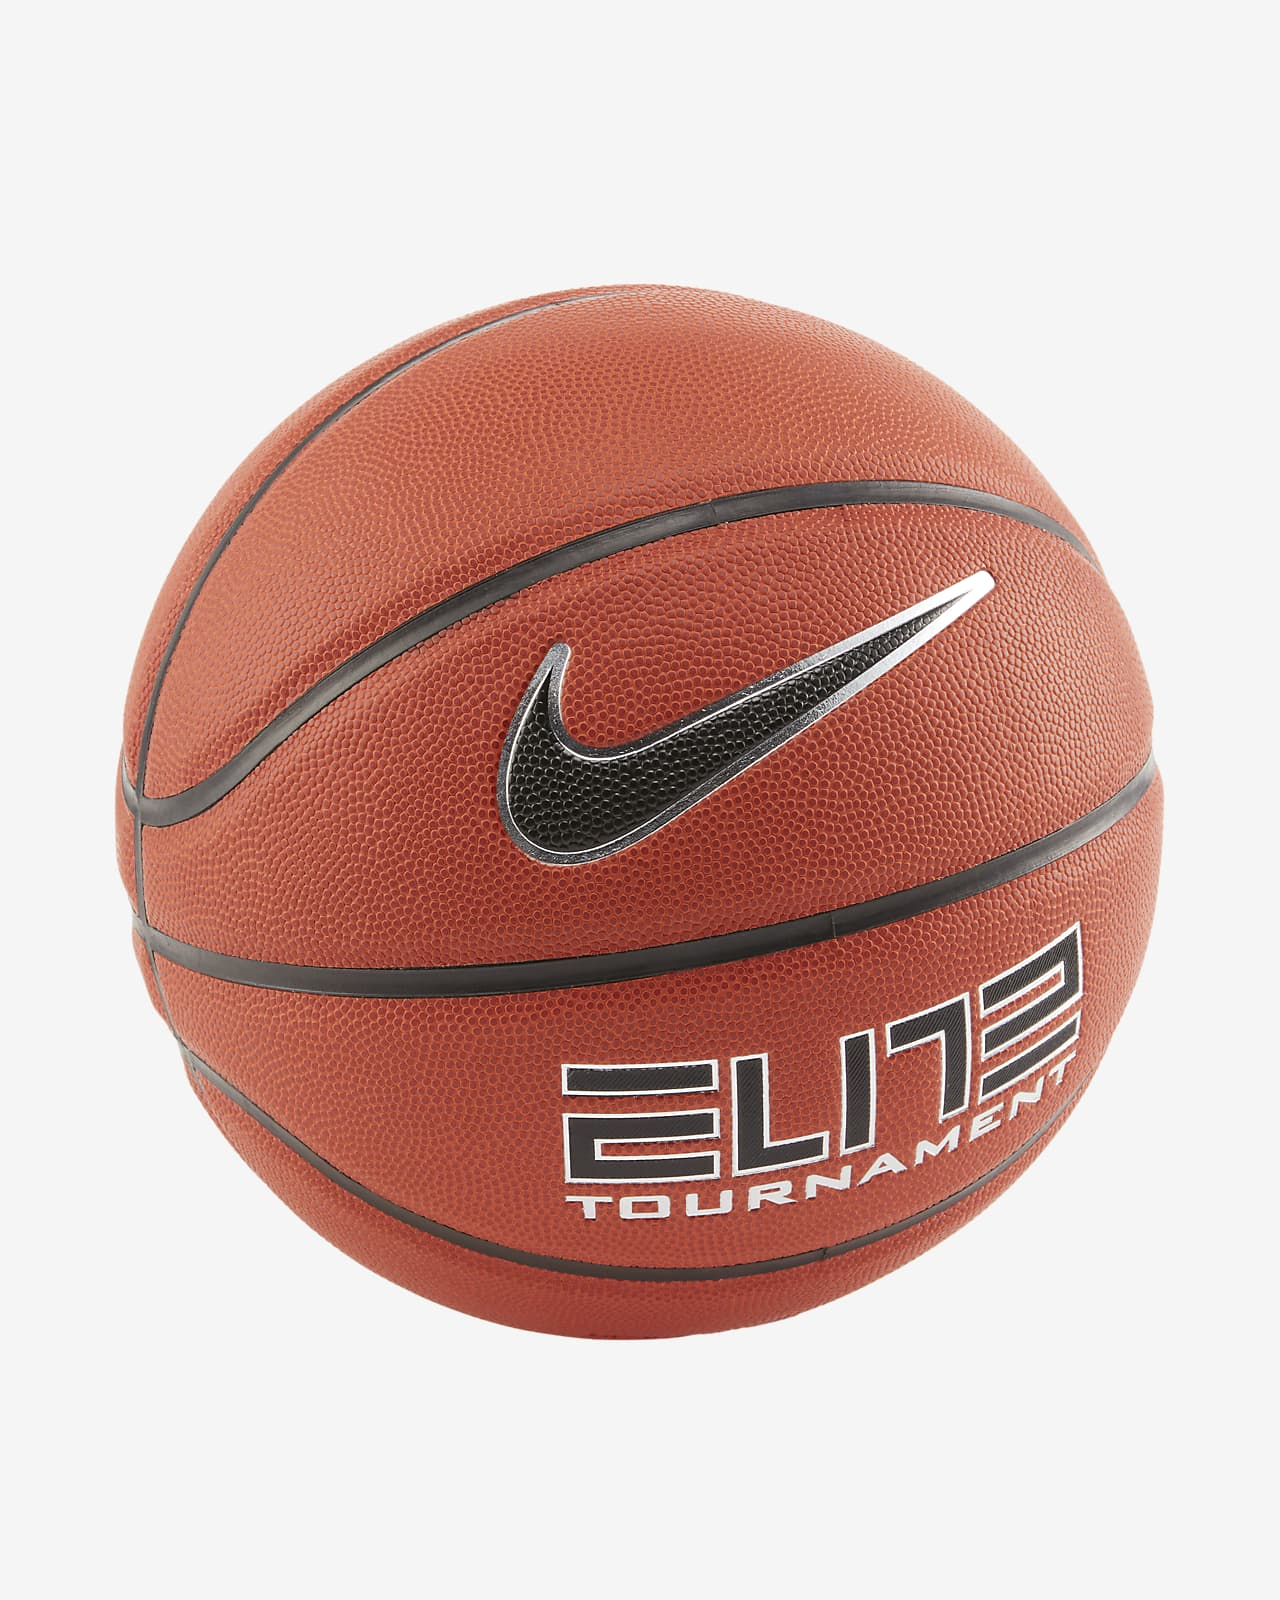 Pallone da basket Nike Elite Tournament (misura 6 e 7)